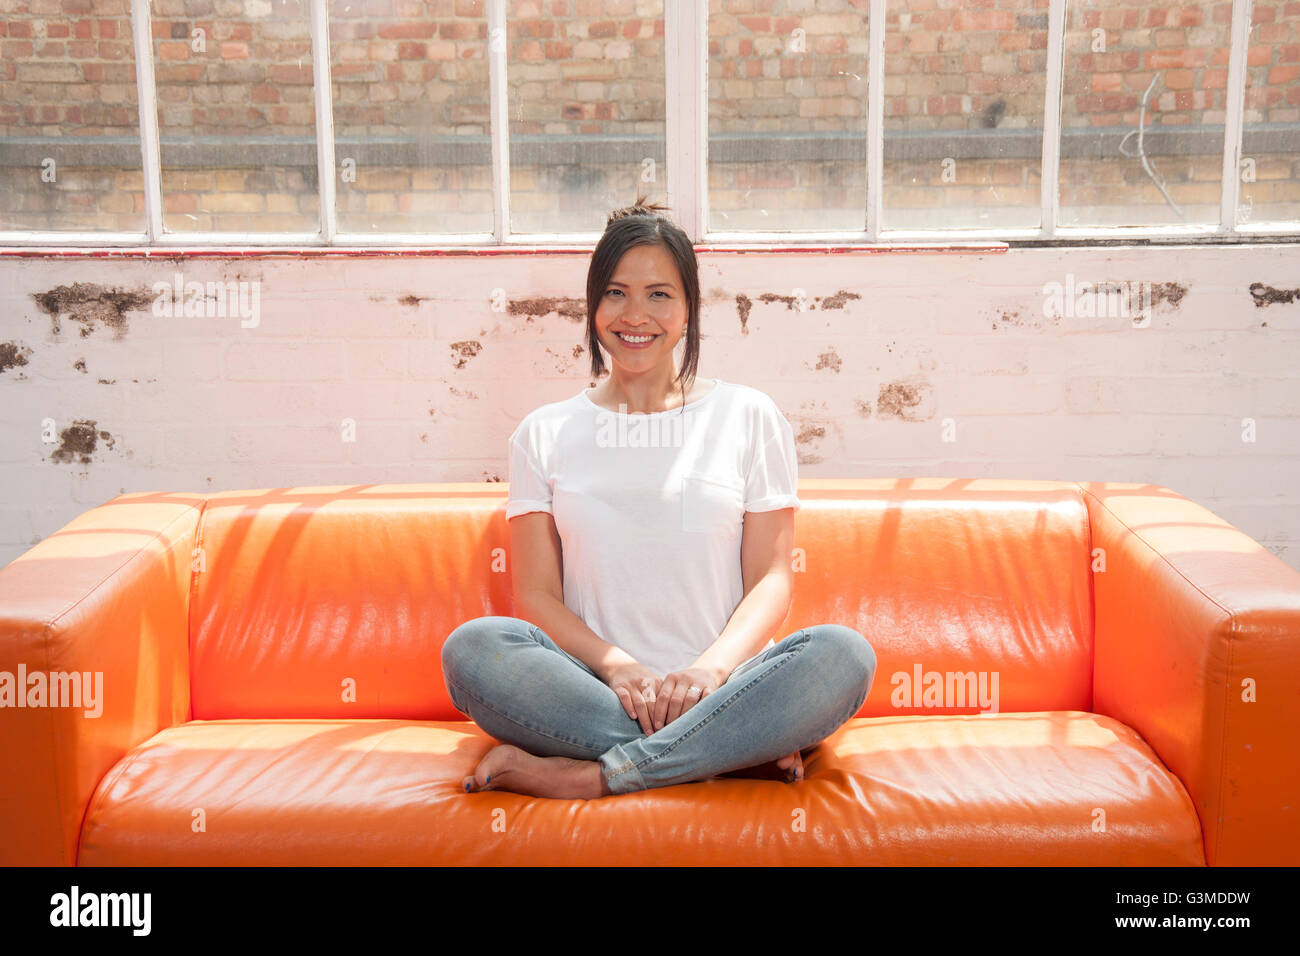 Mujer sentada en un sofá de patas cruzadas Relajado y sonriente Imagen De Stock